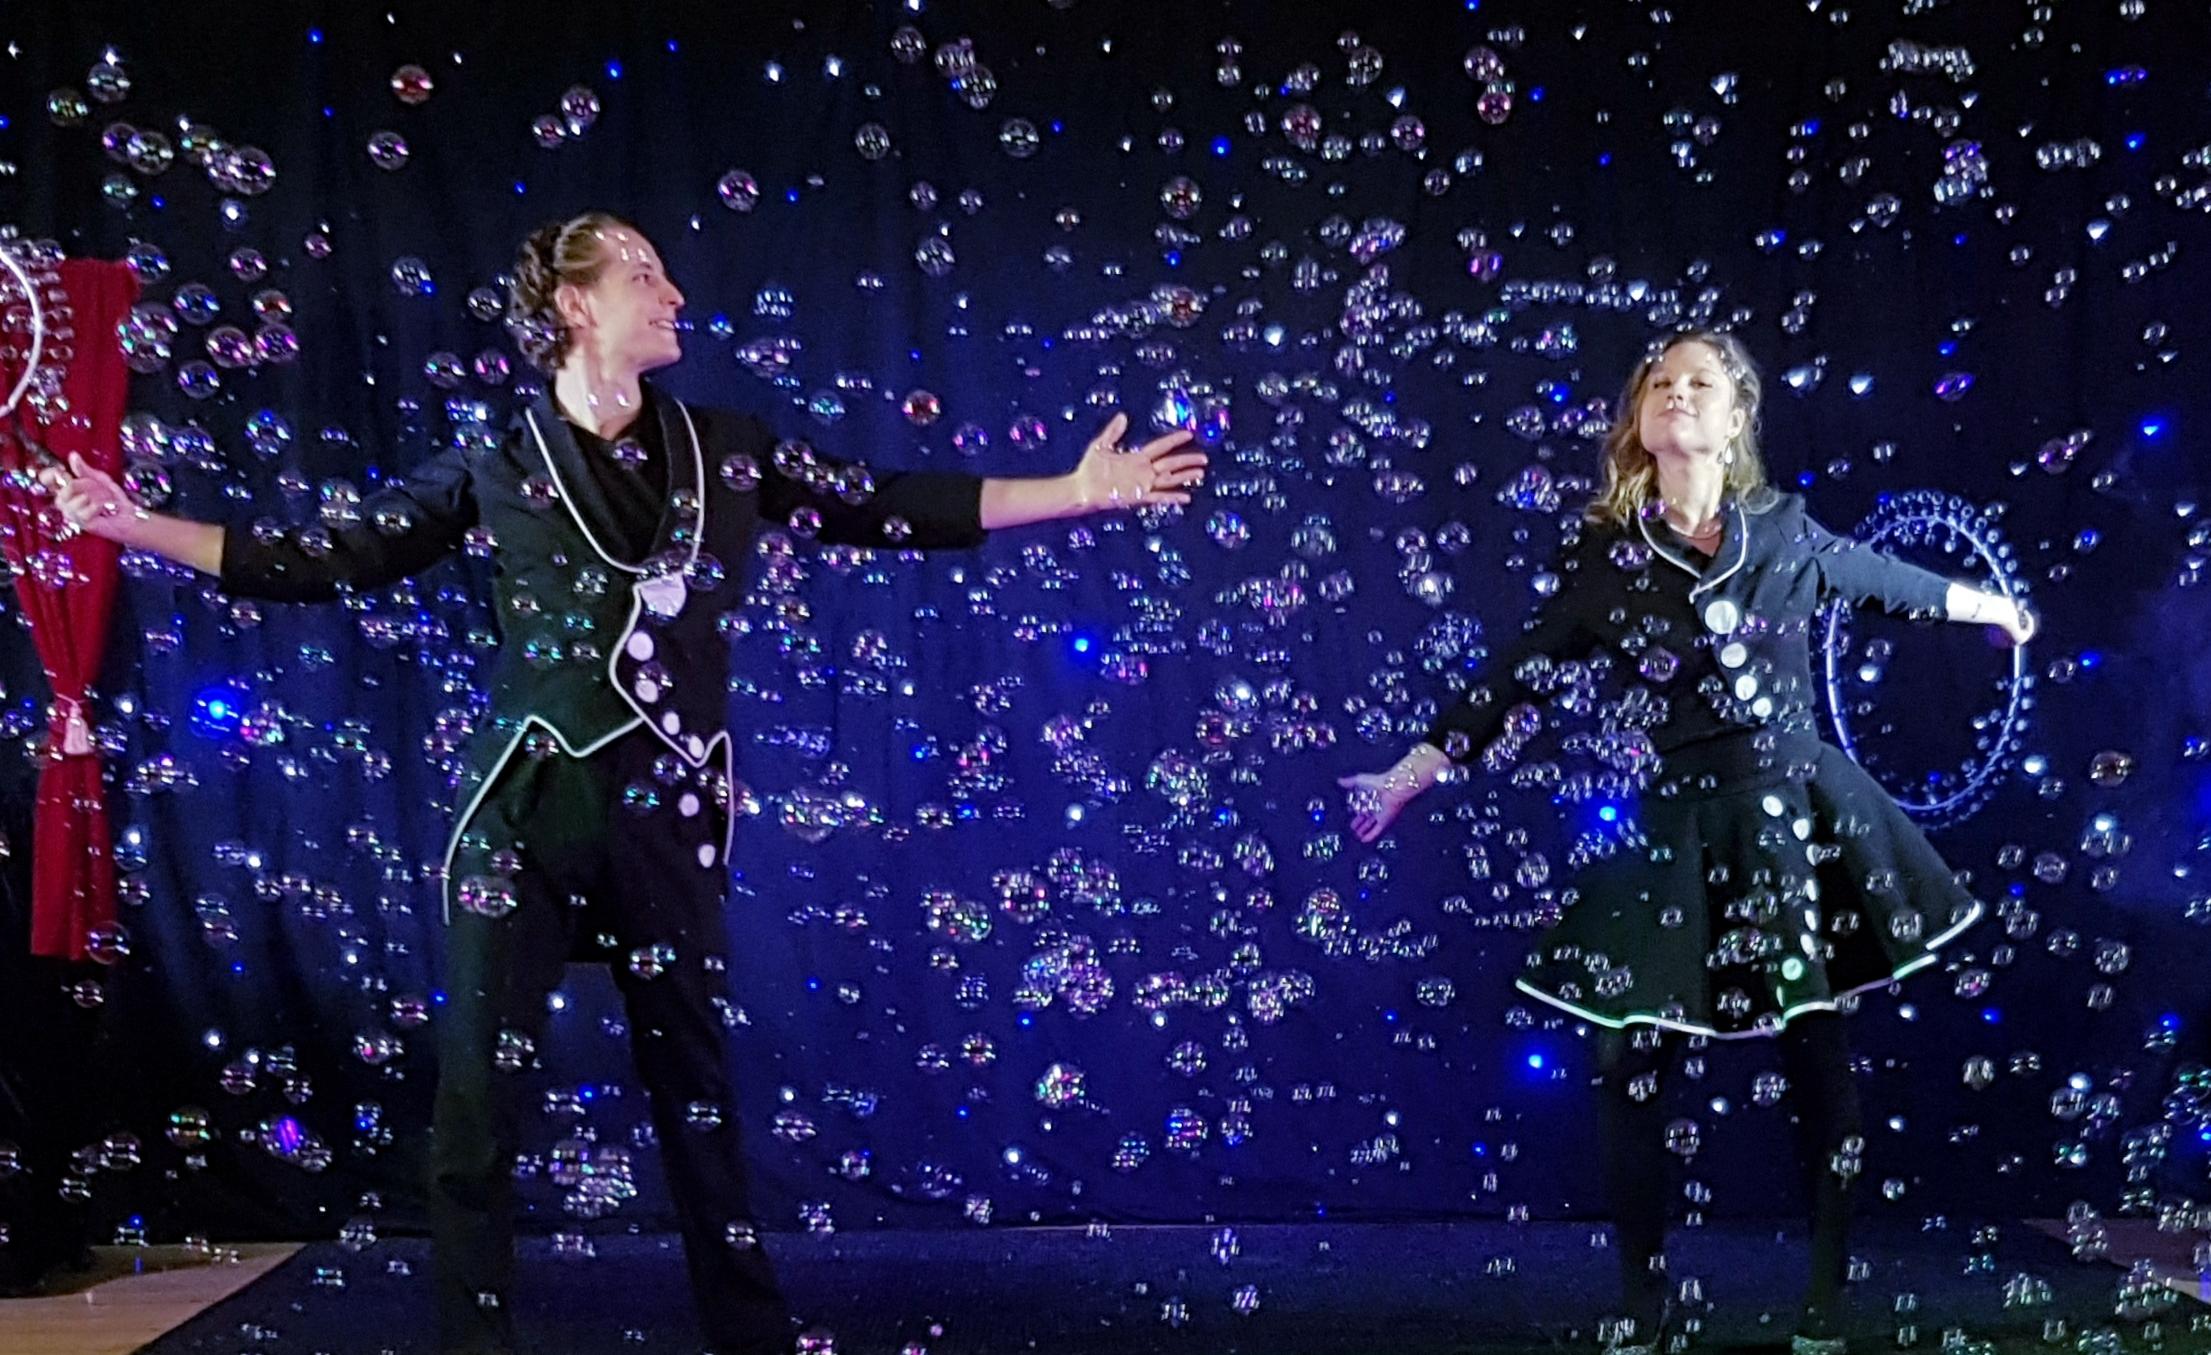 Pluie de bulles